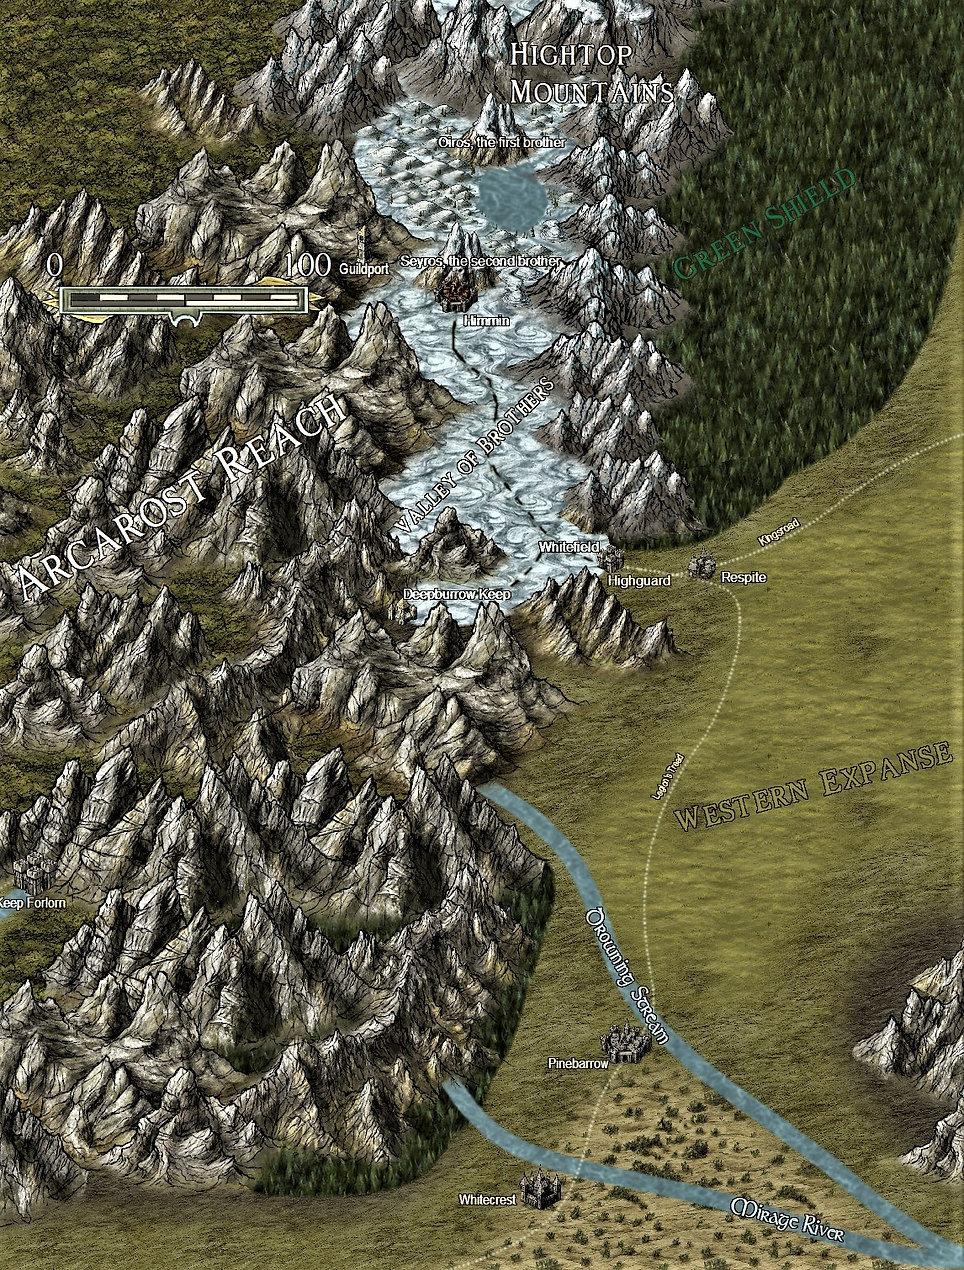 Hightop mountains map 3.jpg